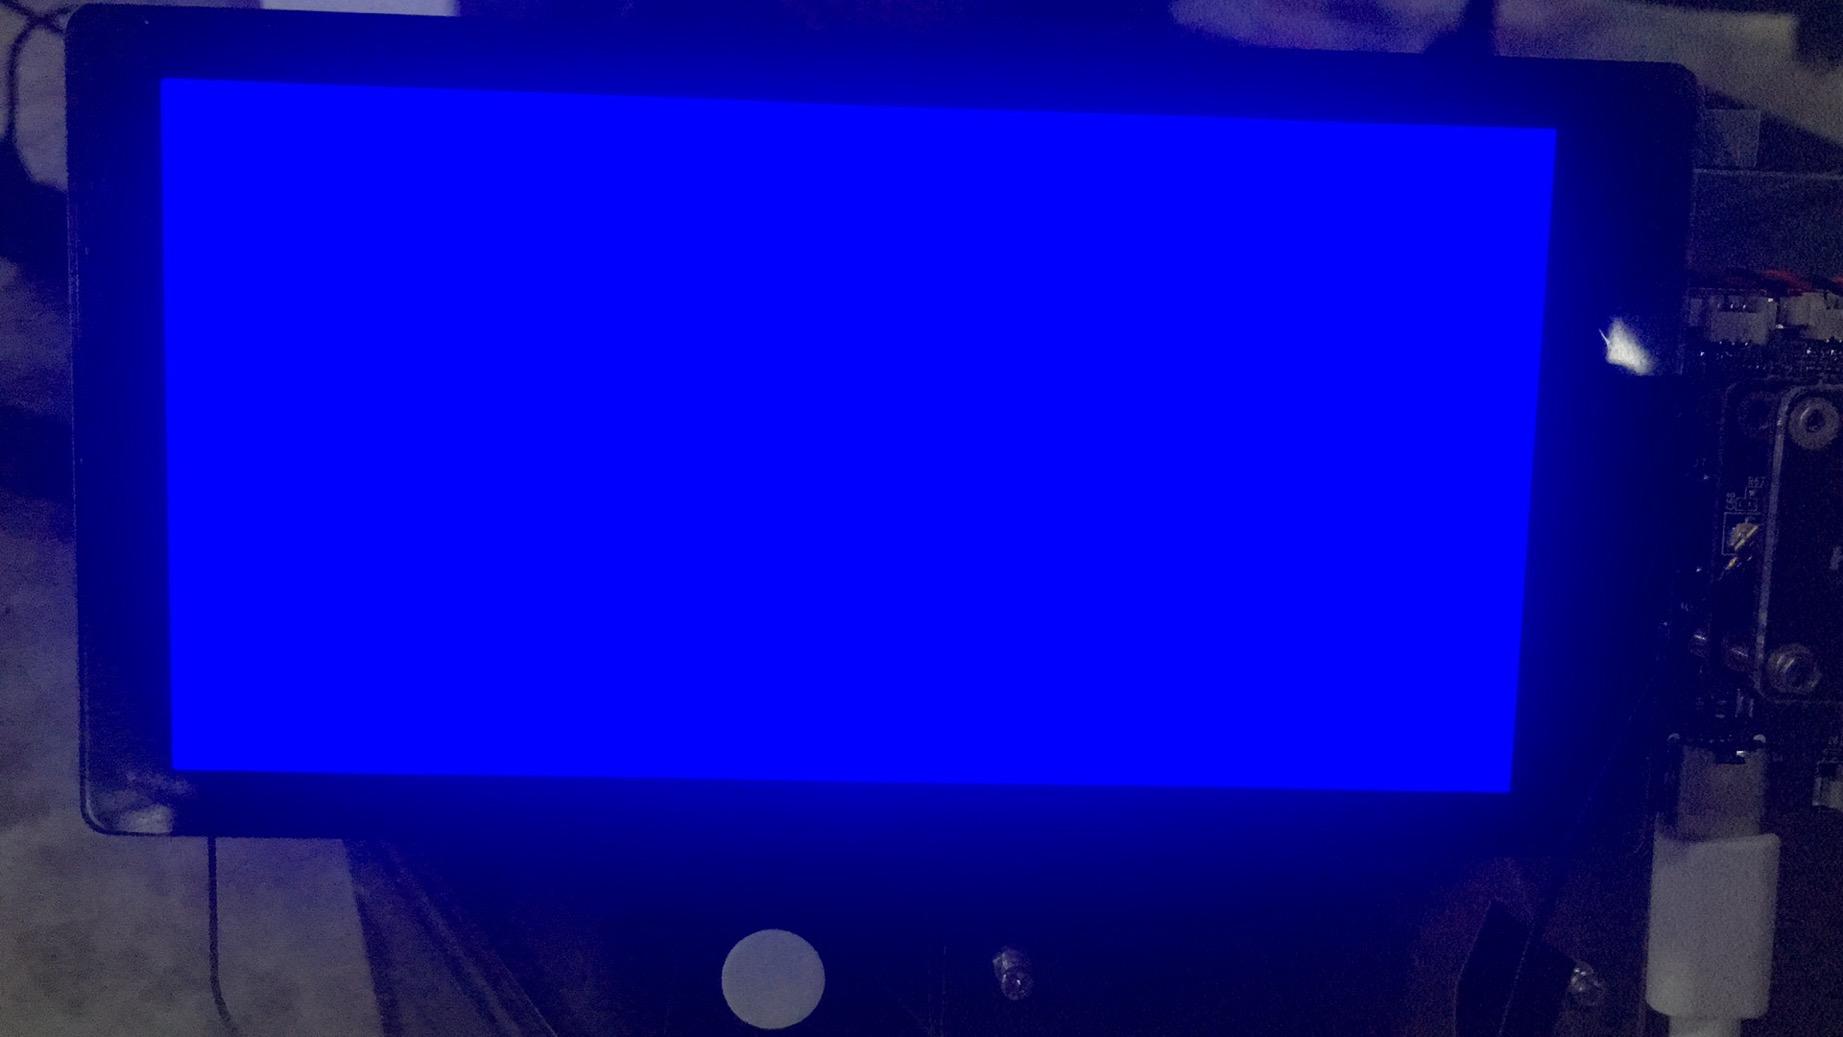 进行openharmony组件开发过程中,hi3516打开烧录进去的hap包显示蓝屏-鸿蒙HarmonyOS技术社区